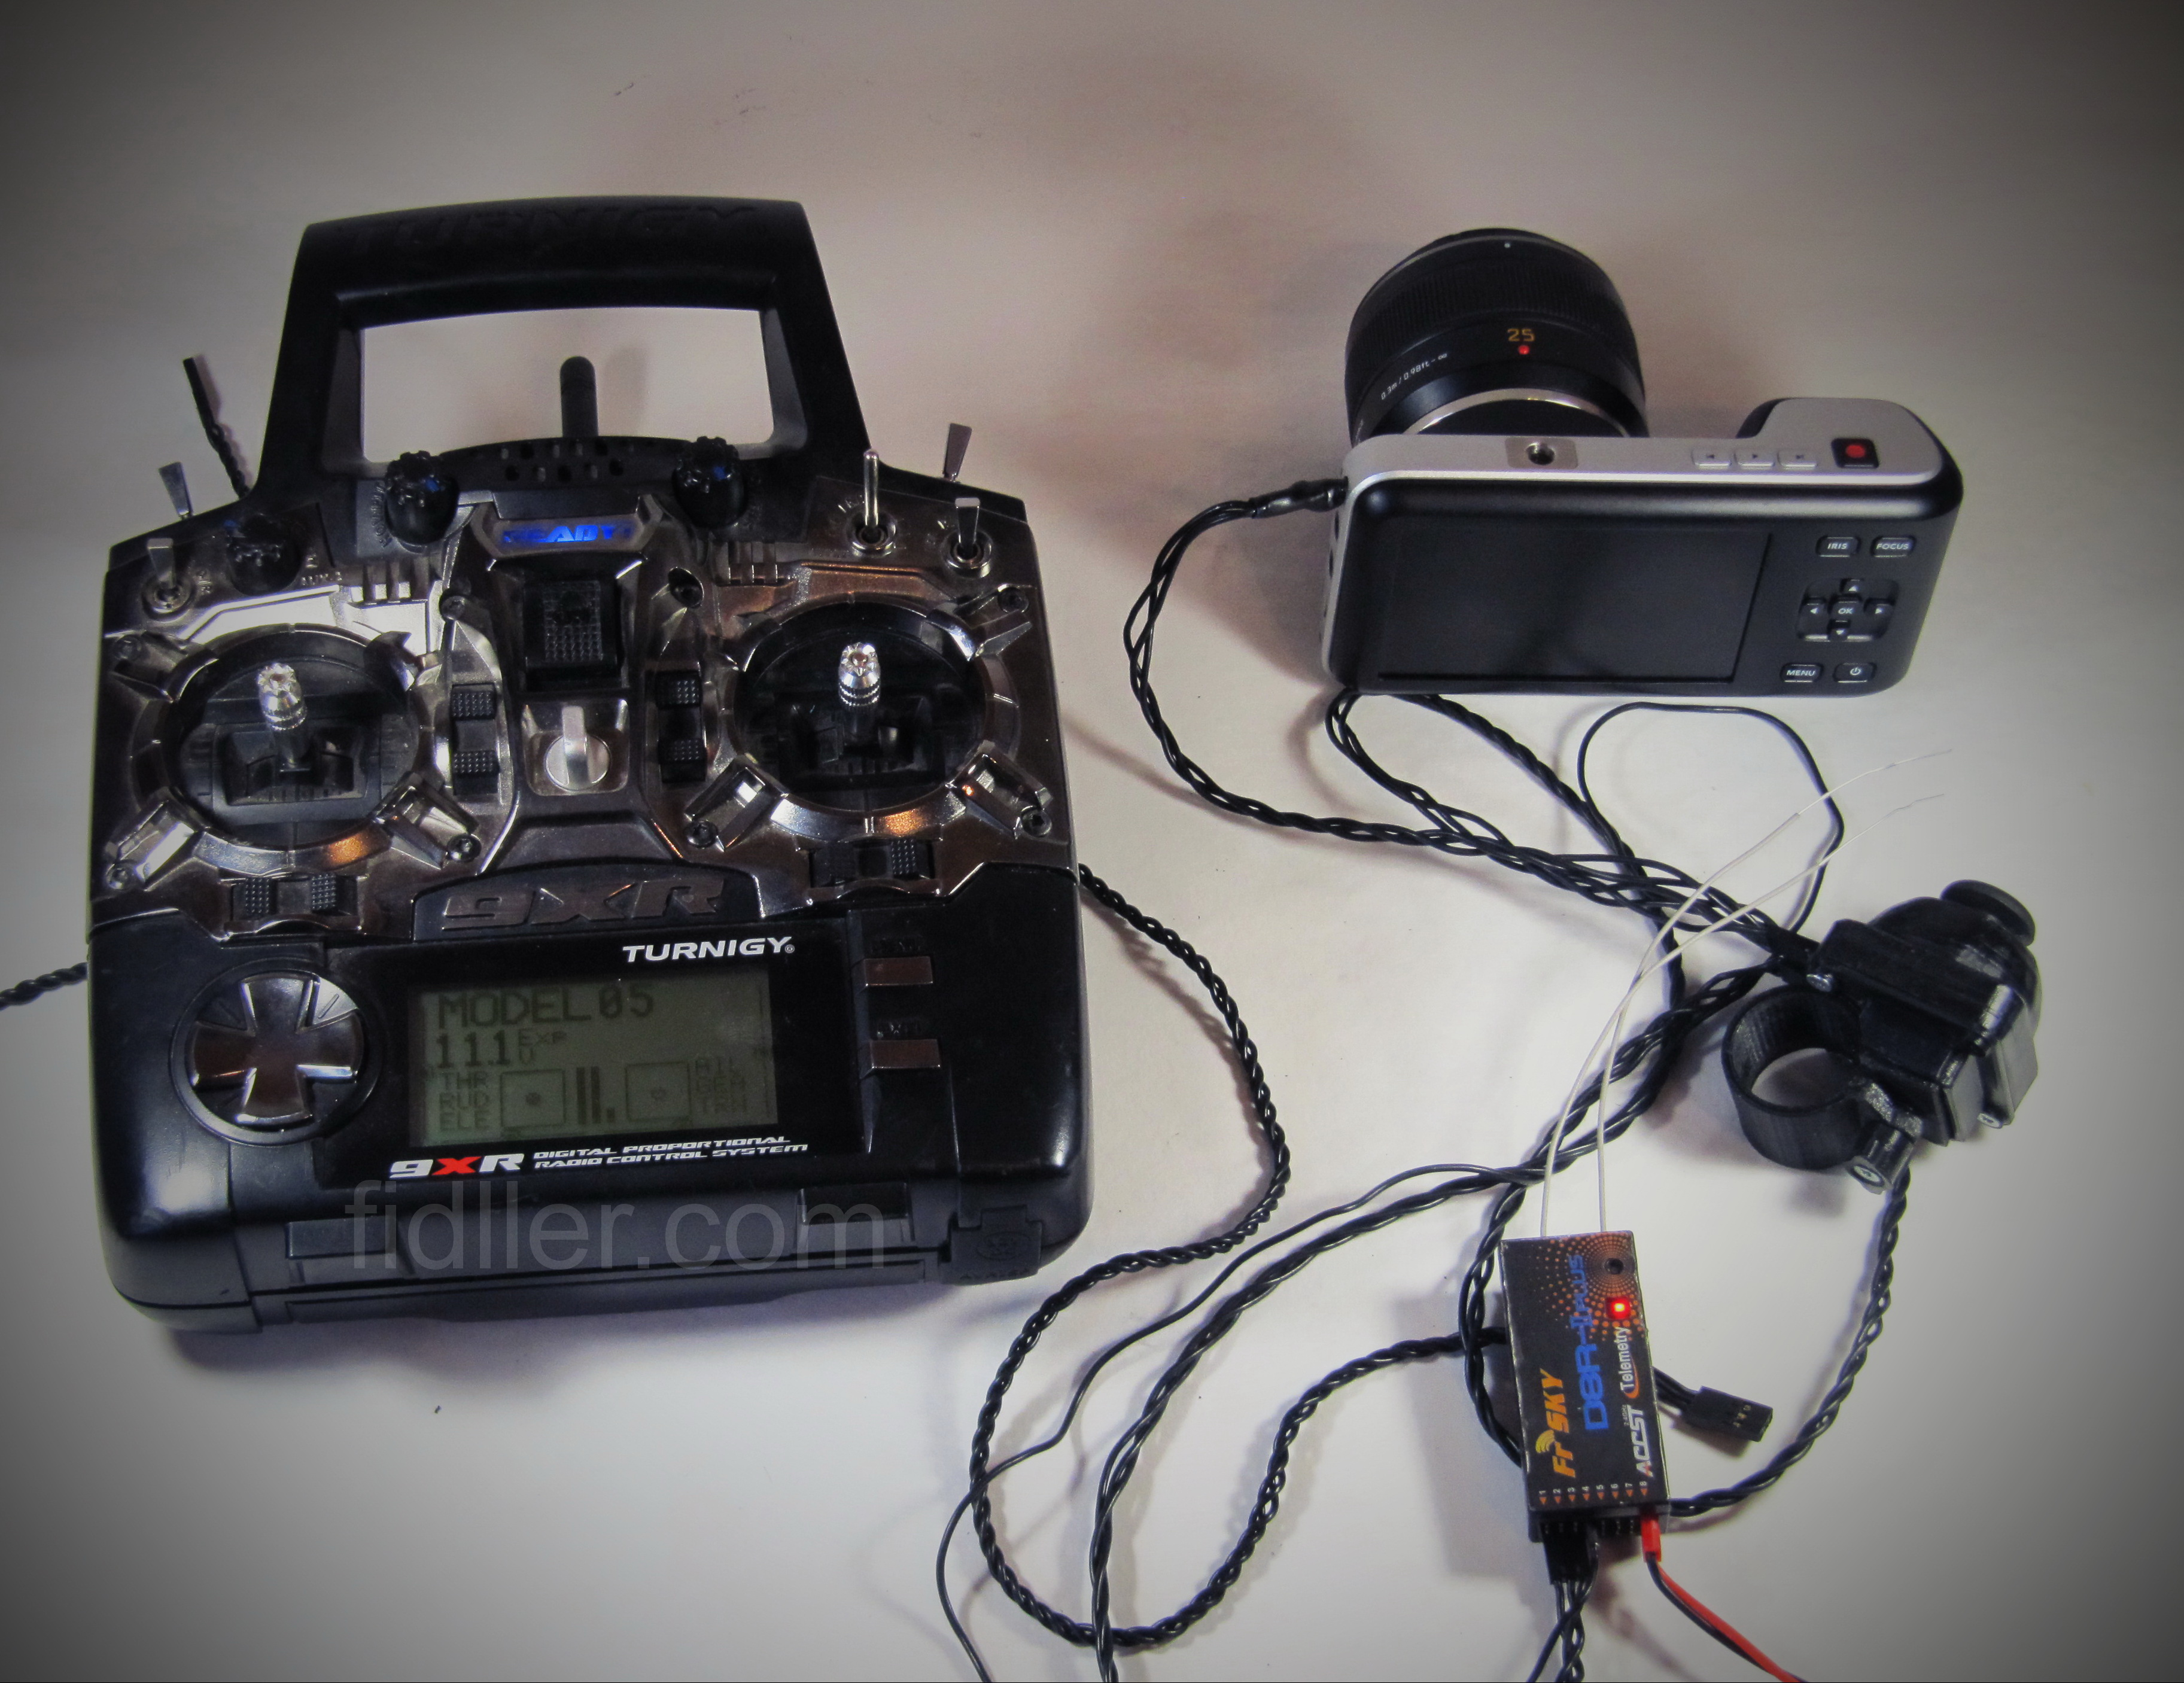 Кабель пульта д/у spark на авито металлический кофр для диджиай phantom 4 pro